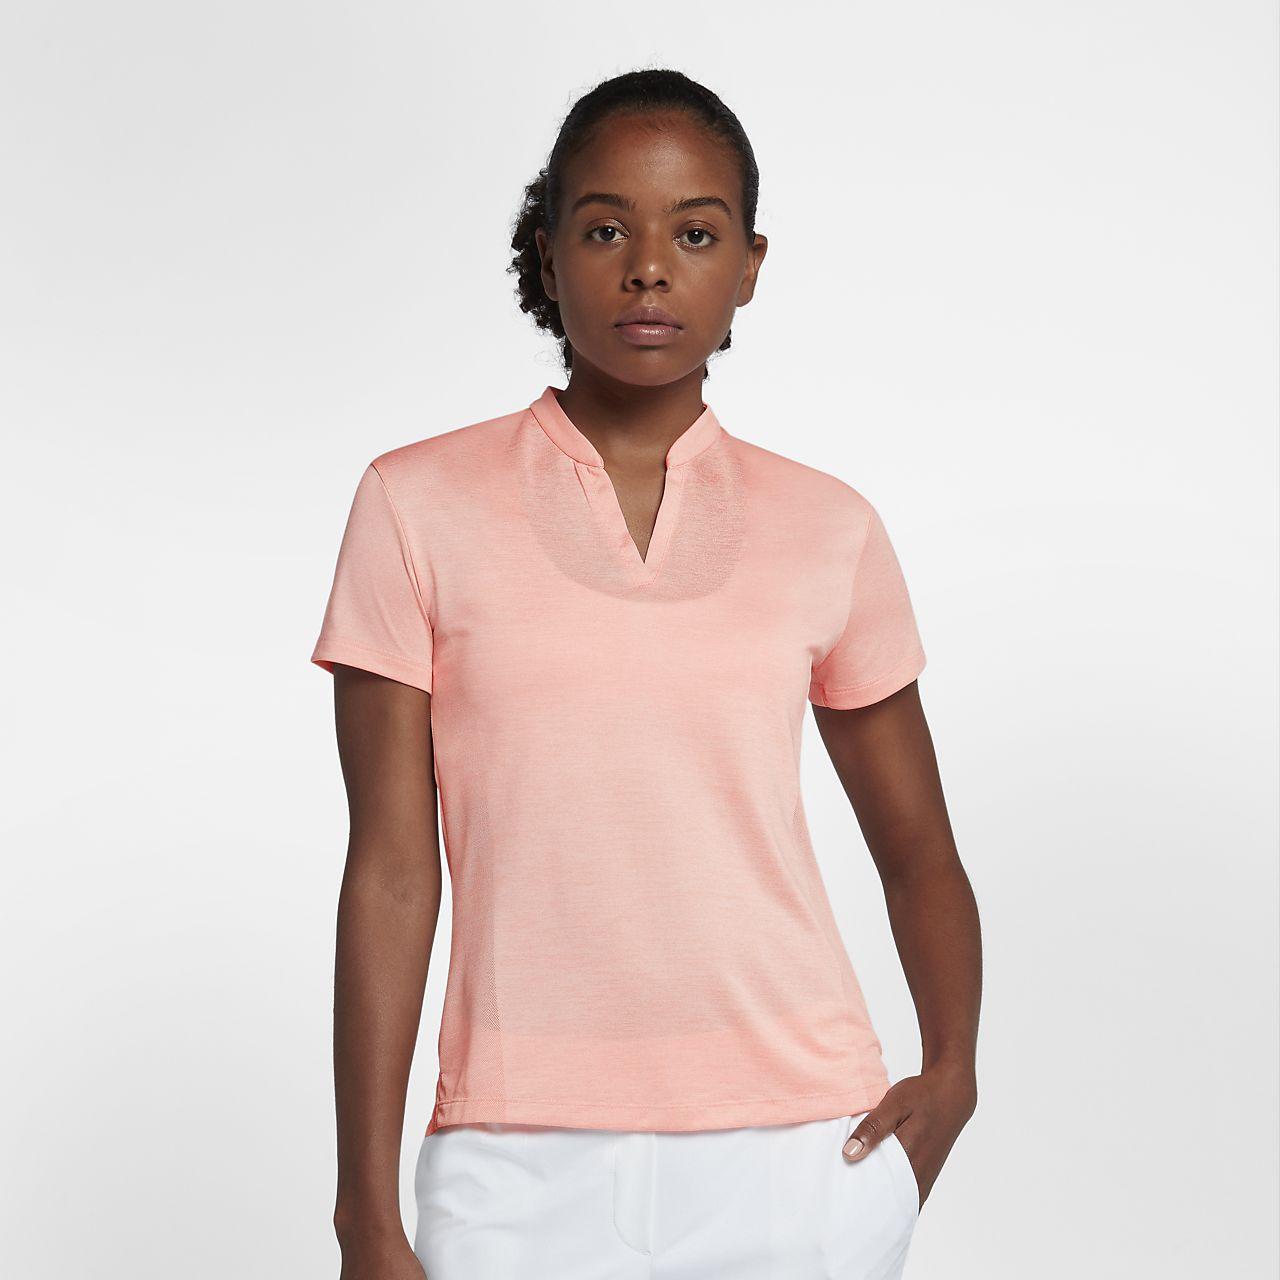 Γυναικεία μπλούζα πόλο για γκολφ Nike Zonal Cooling